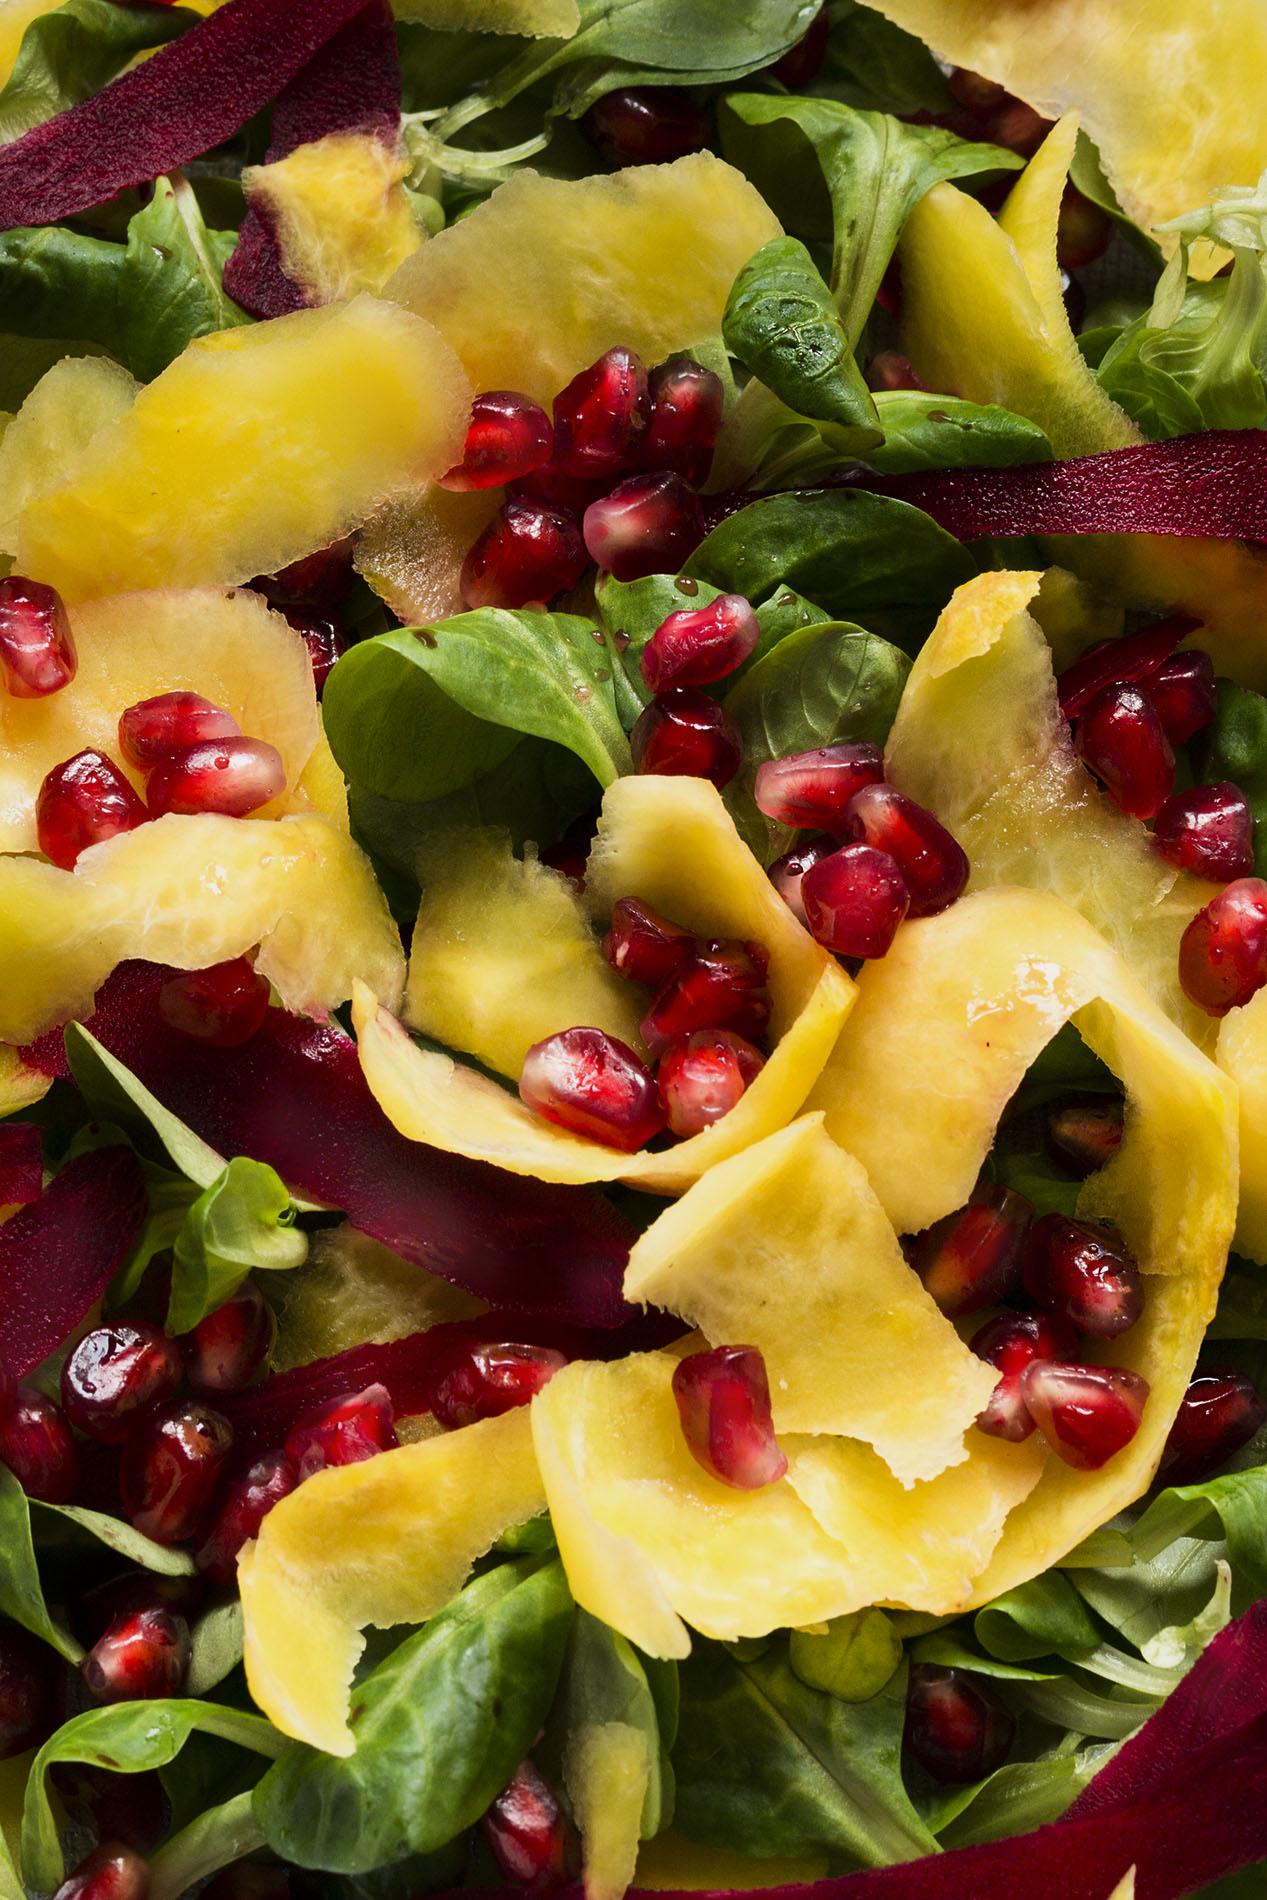 Feldsalat mit Bete und Granatapfel